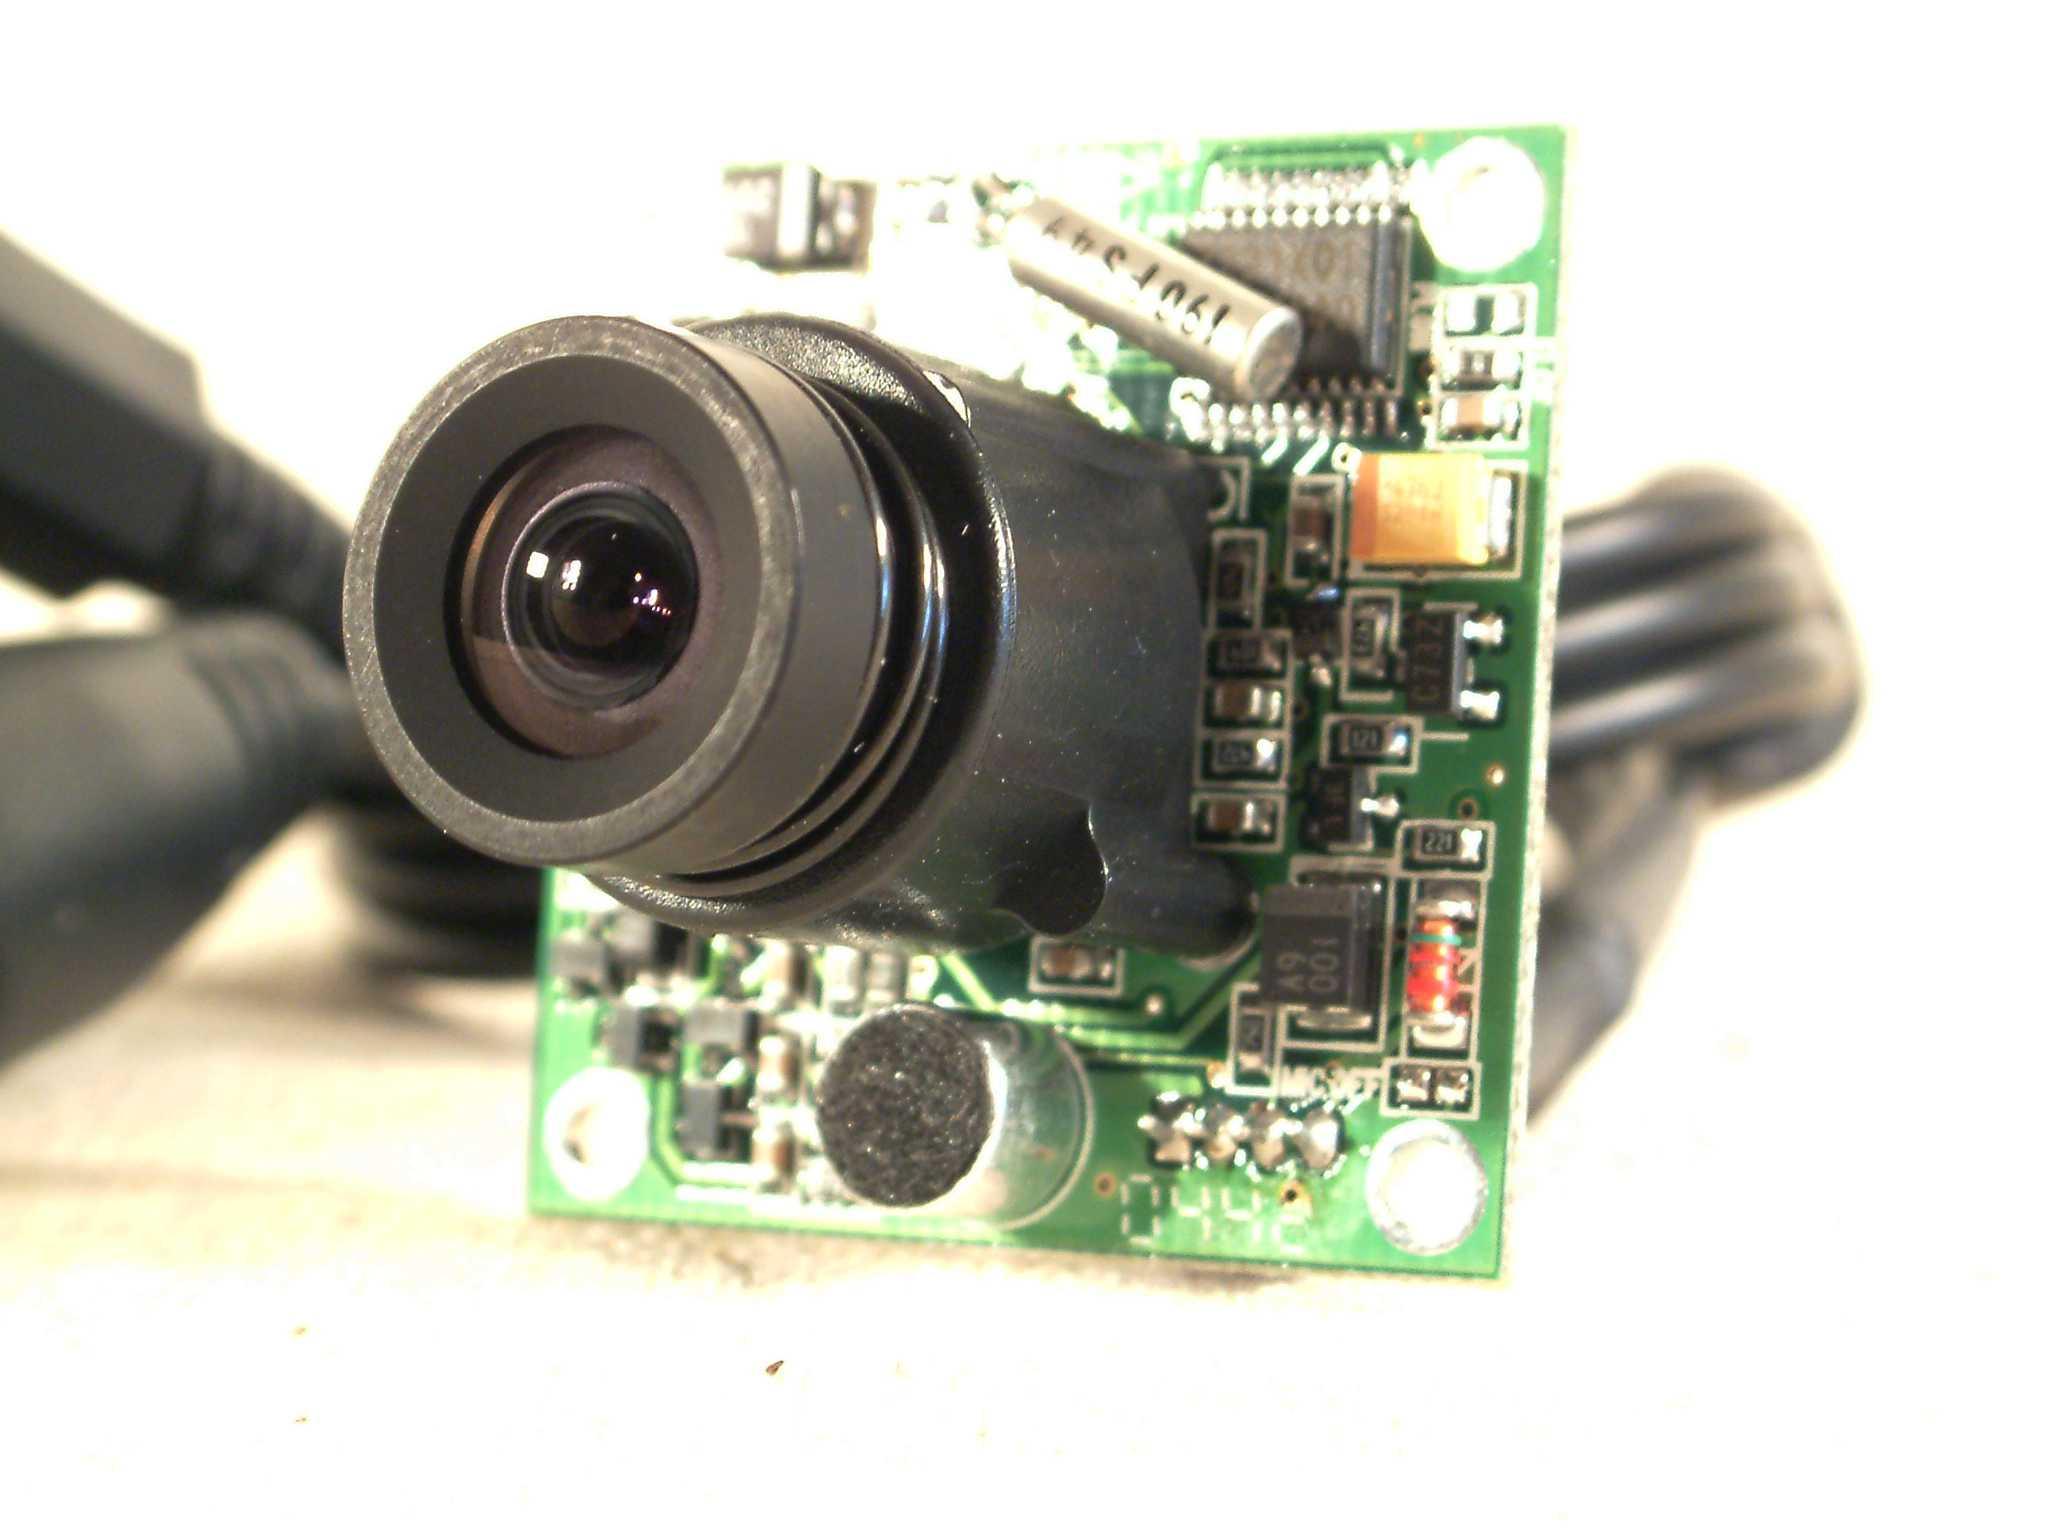 Av436 ccd mini board camera found more mavin for Camera camera camera